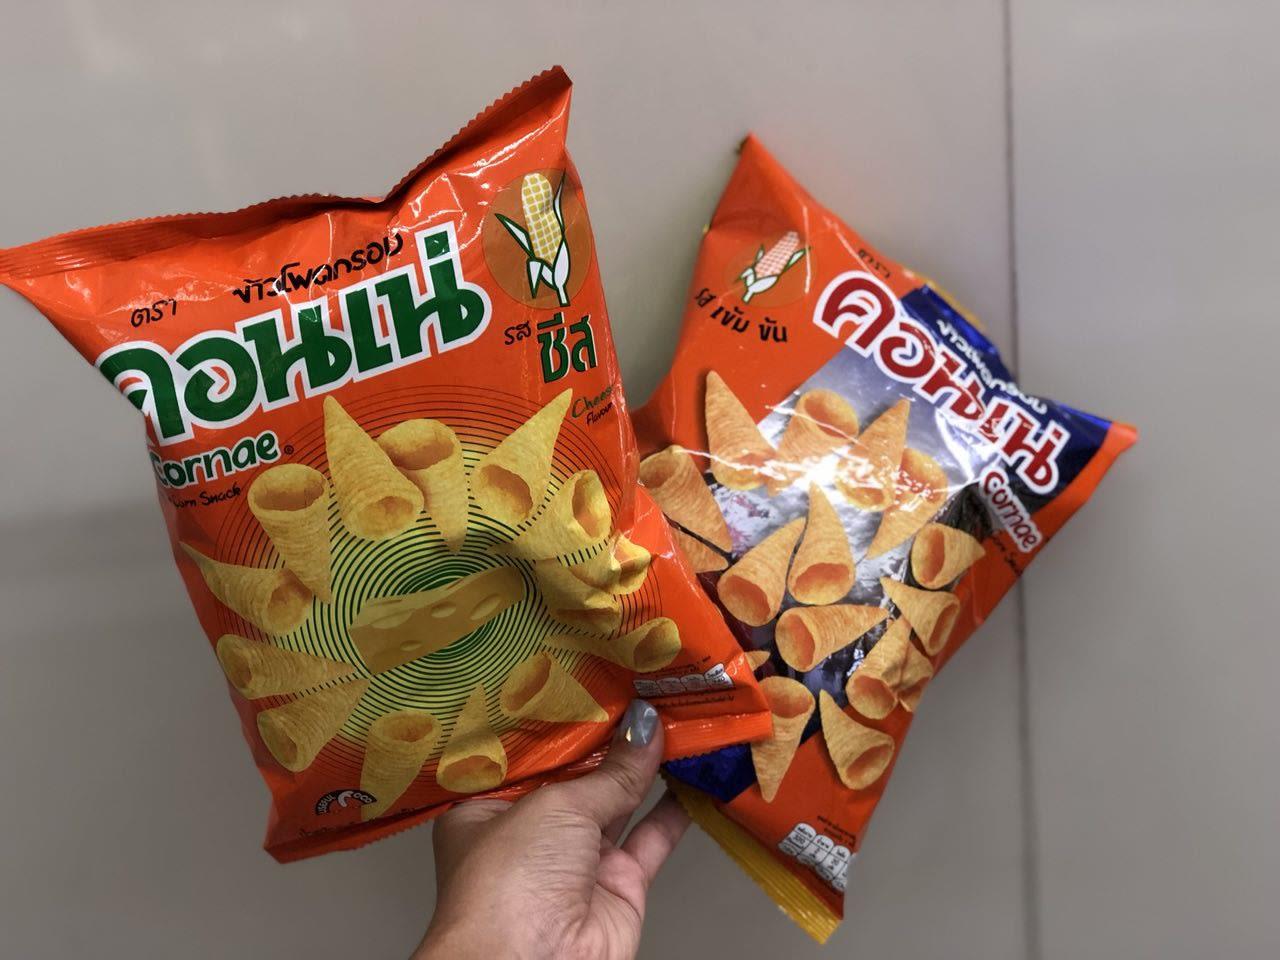 bangkok 7-11 corn chips